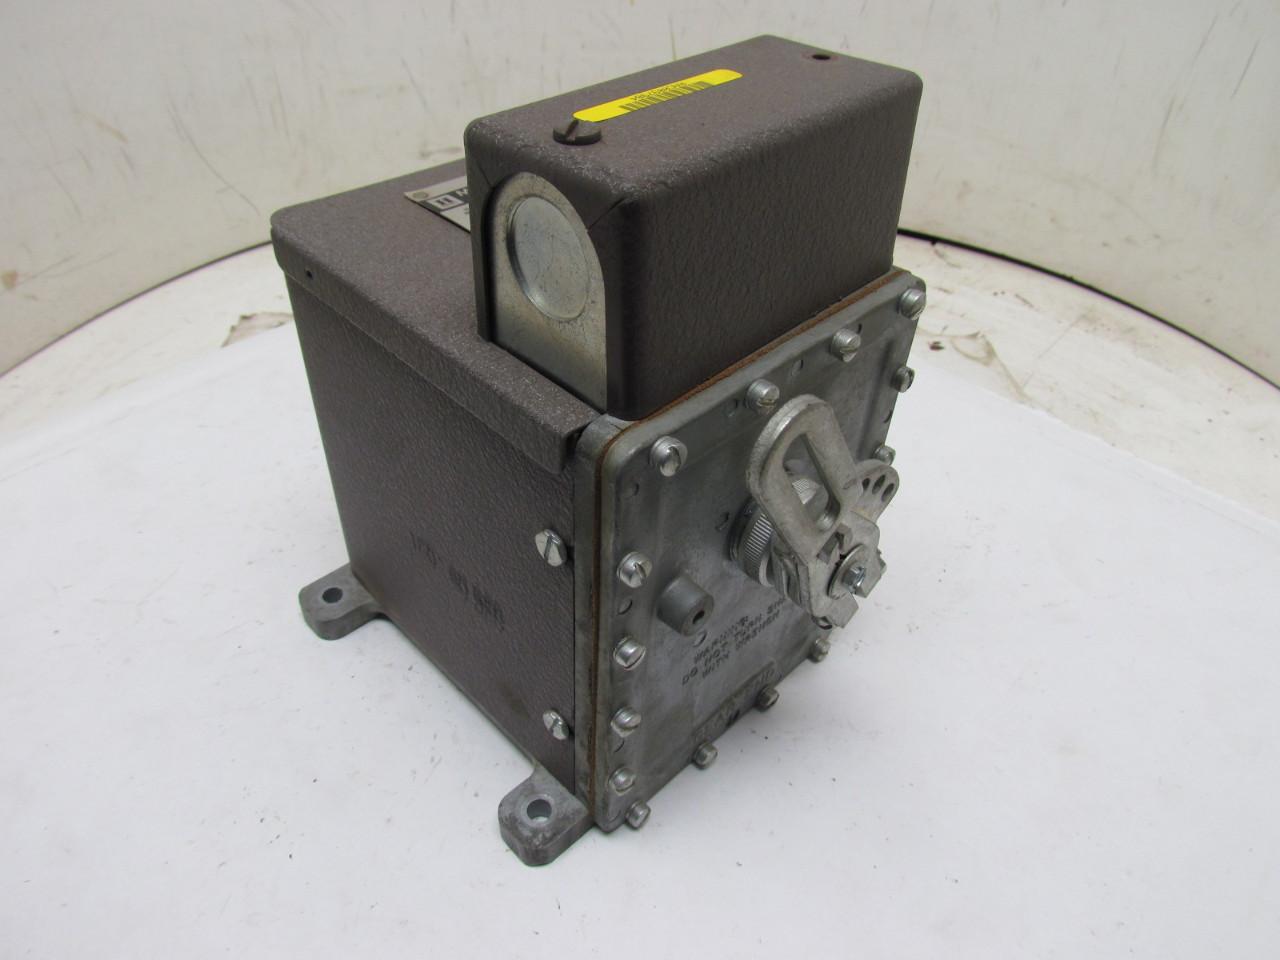 Honeywell M904e 1358 Modutrol Motor 24v 17w 3 8 Sq Shaft